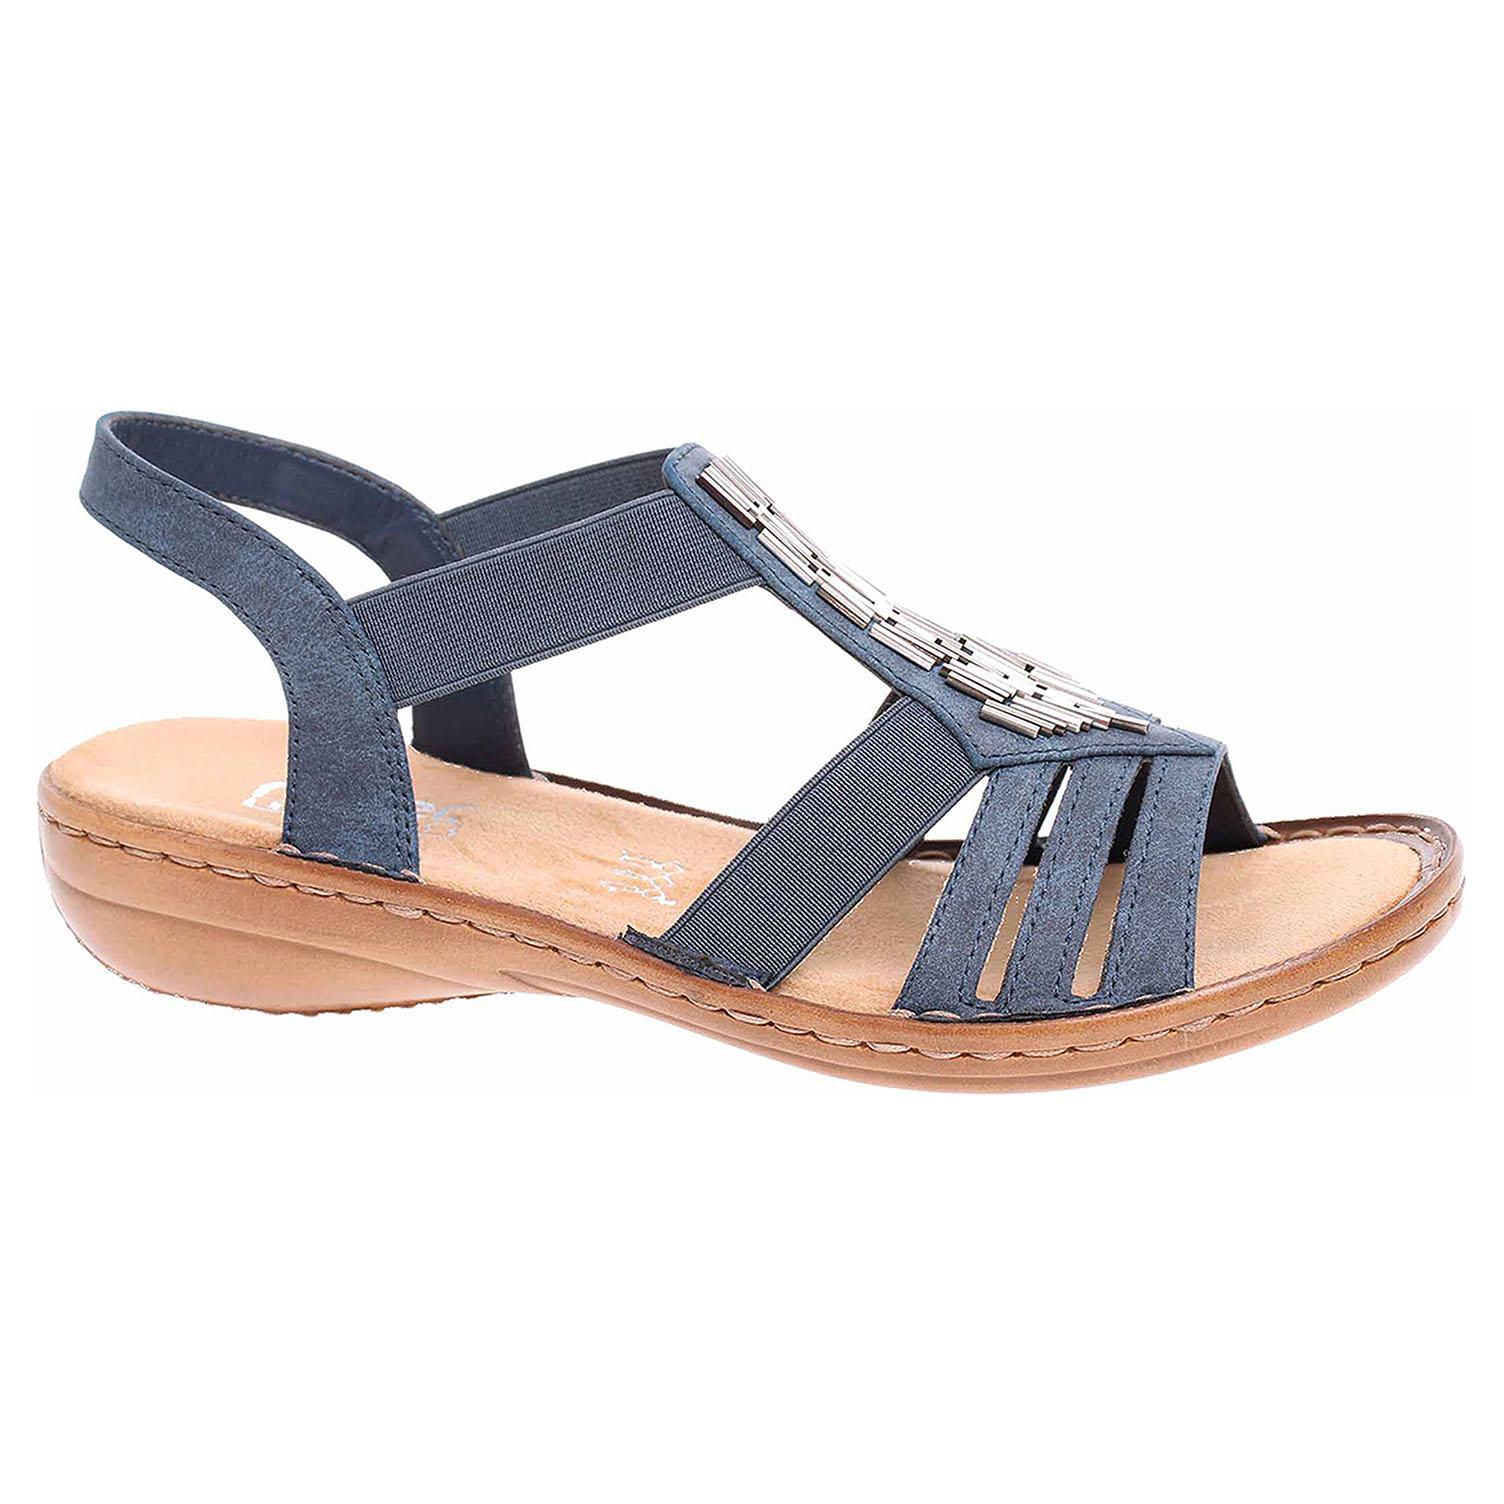 5099b30e018e detail Dámske sandále Rieker 60800-14 blau